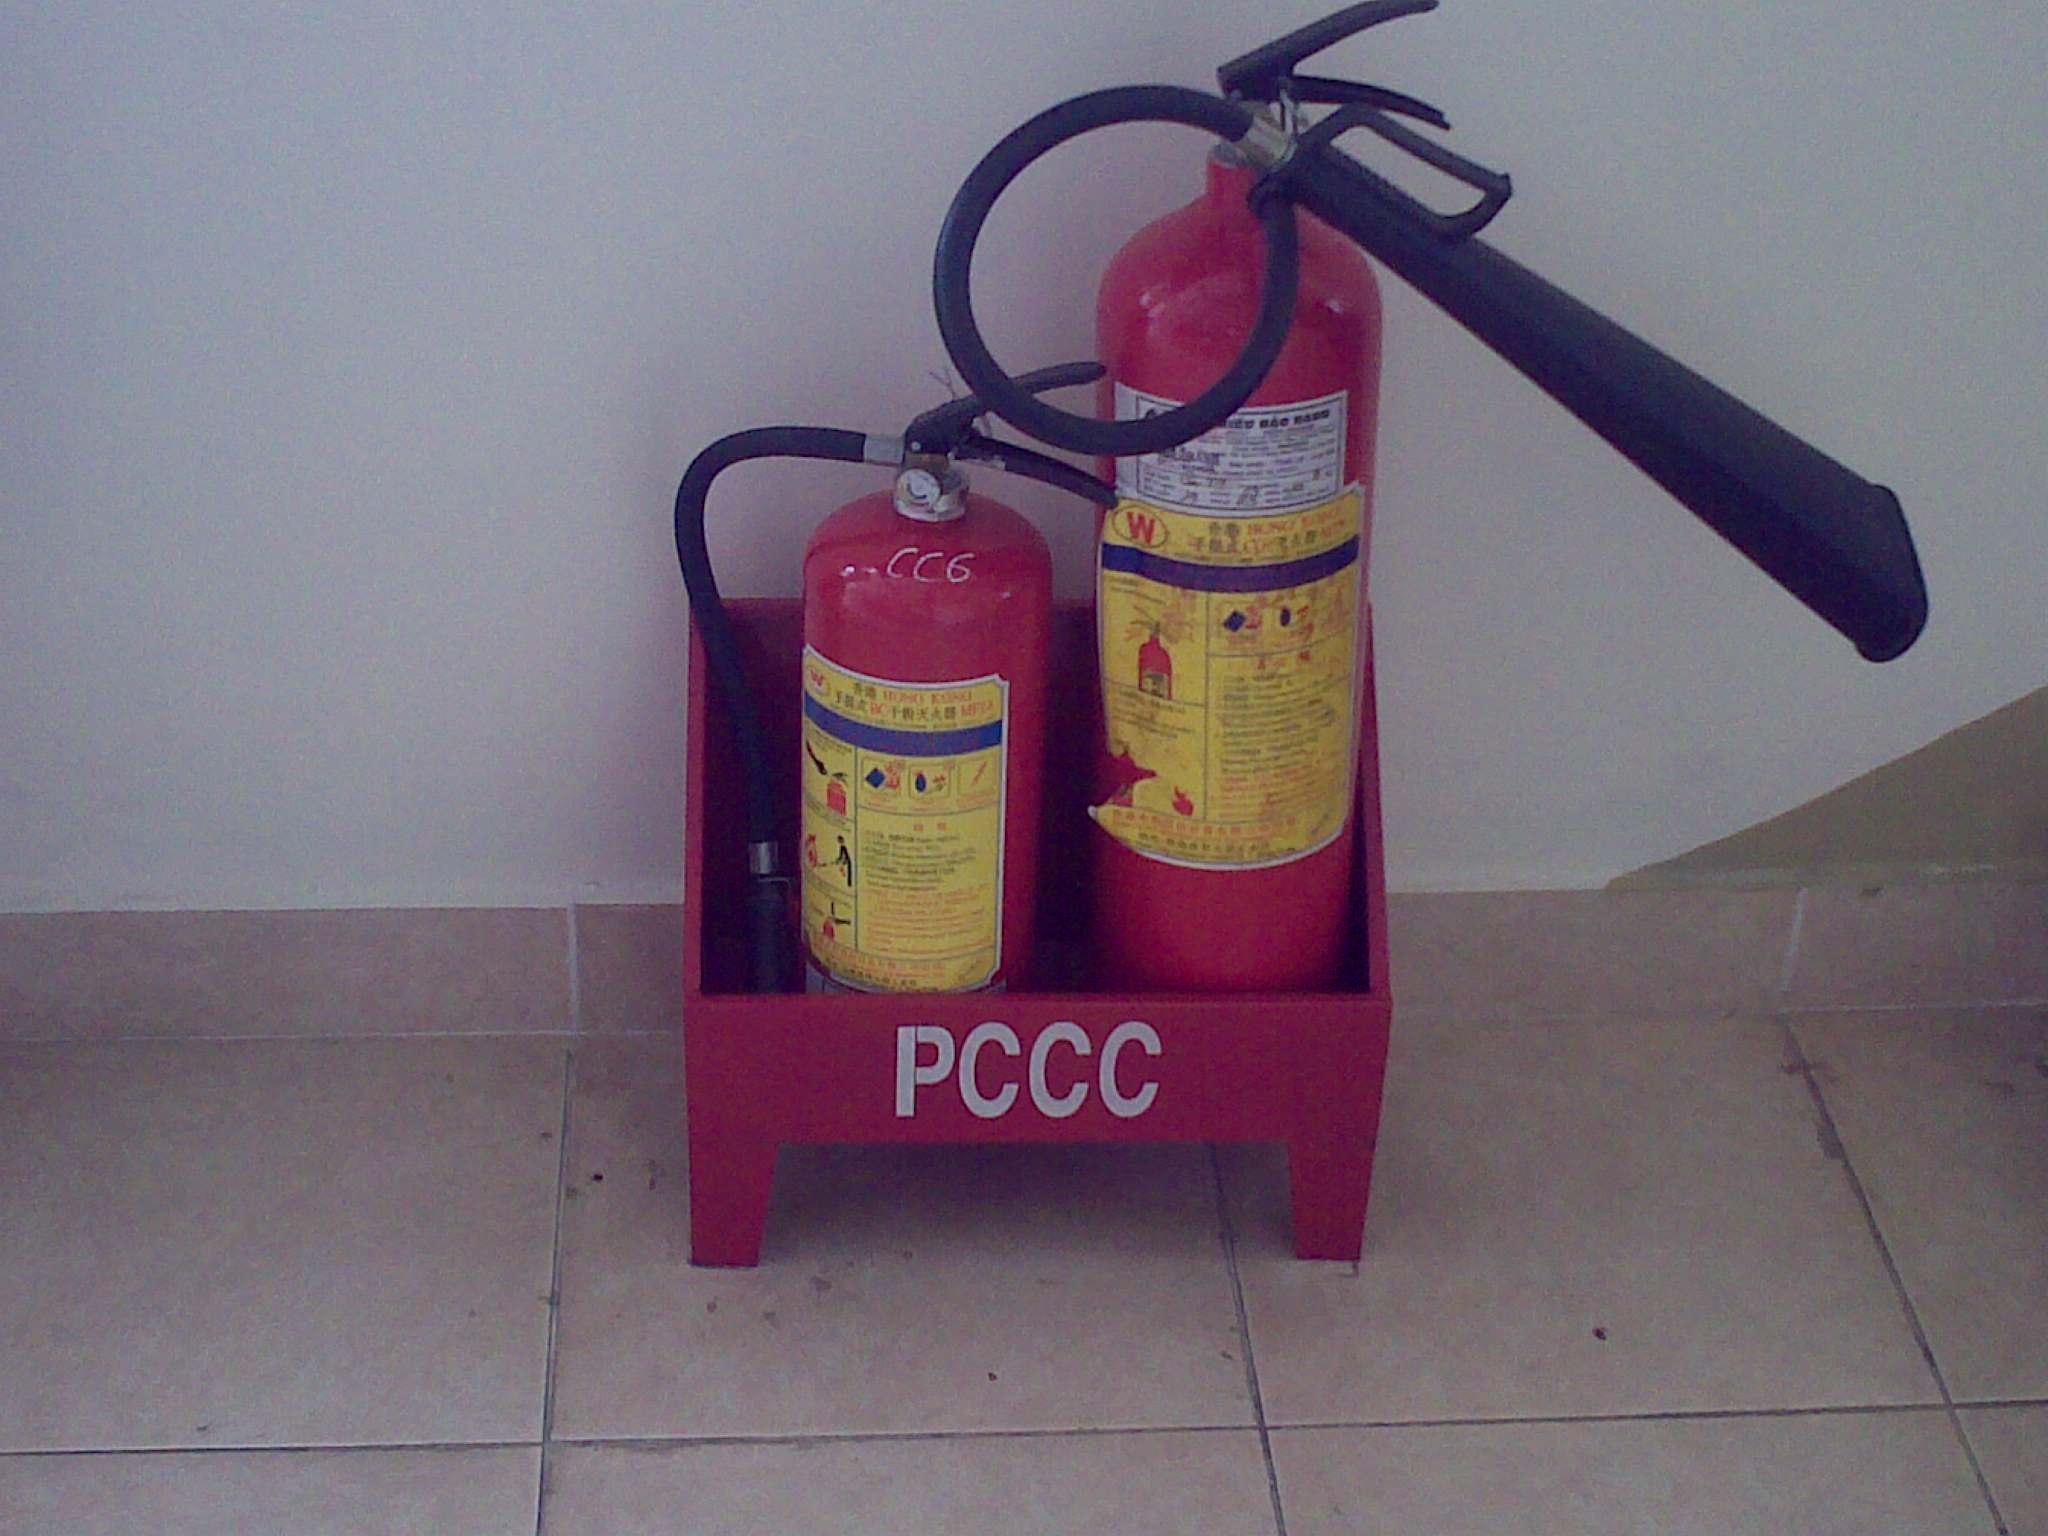 Khu vực thích hợp để lắp đặt bình chữa cháy